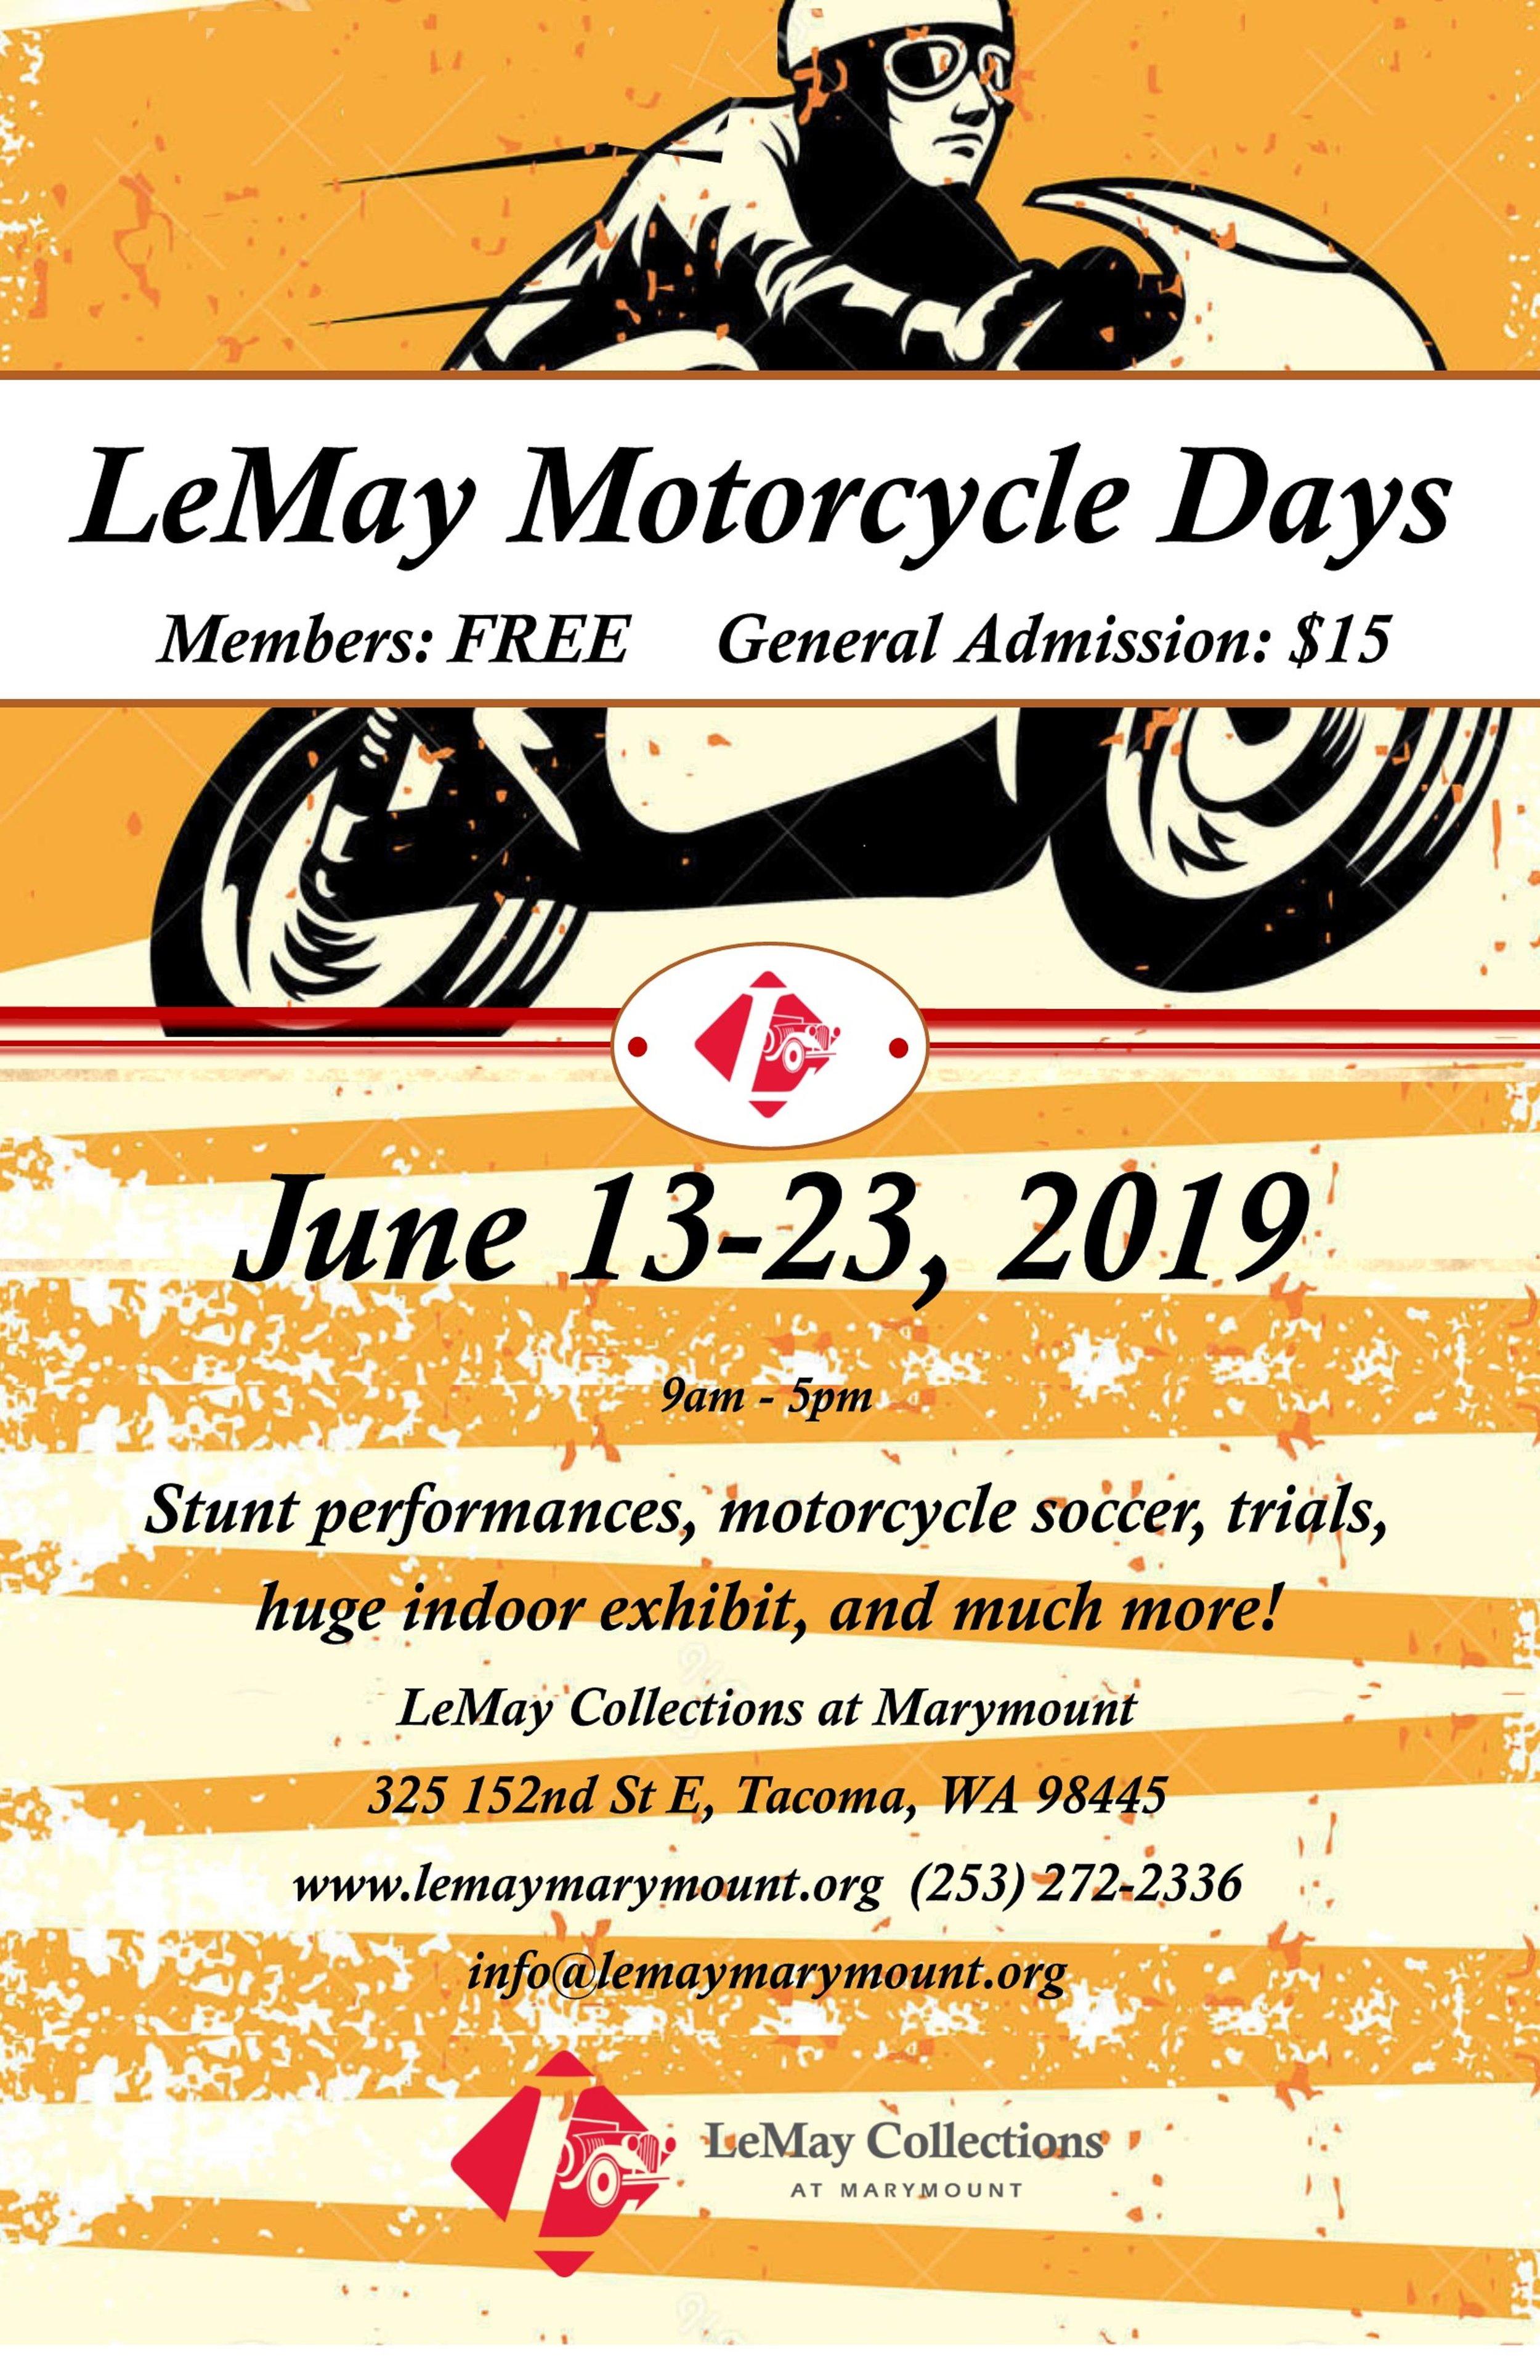 2019-LeMay-Motorcycle-Days-Flyer_generic.jpg_A_8e438d9f-5056-a348-3a3d6dbafa39c068.jpg